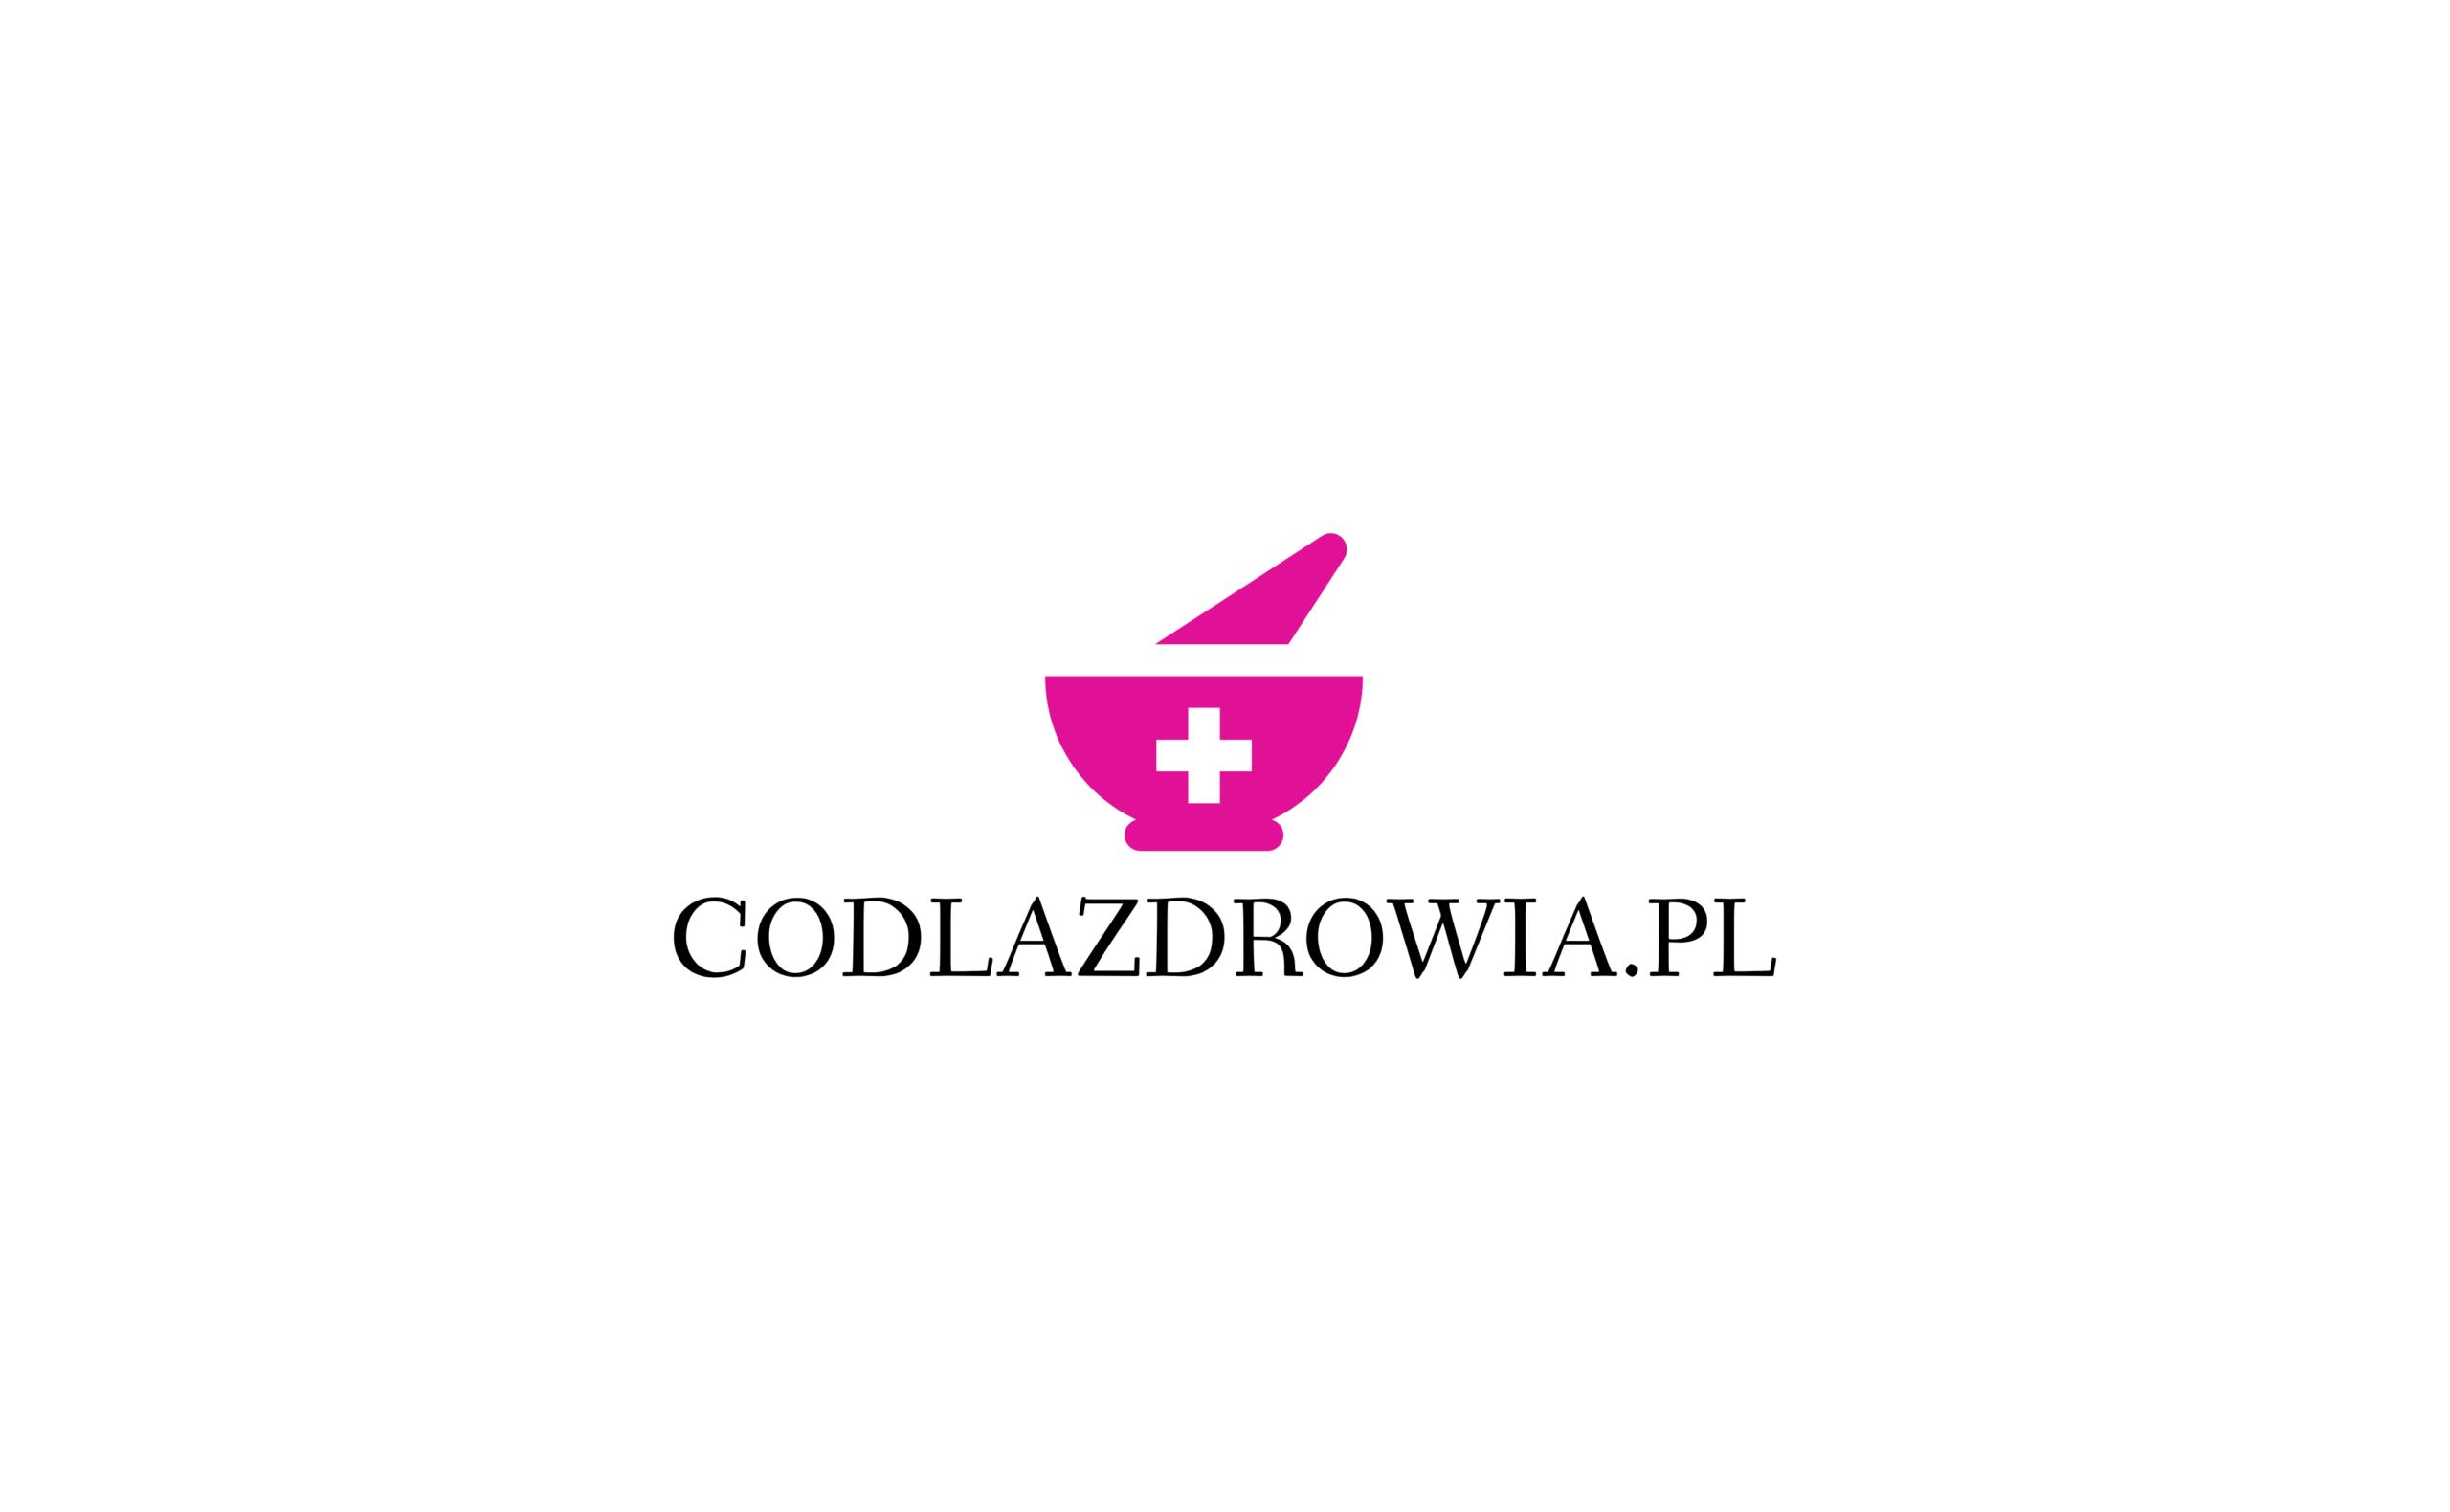 codlazdrowia.pl